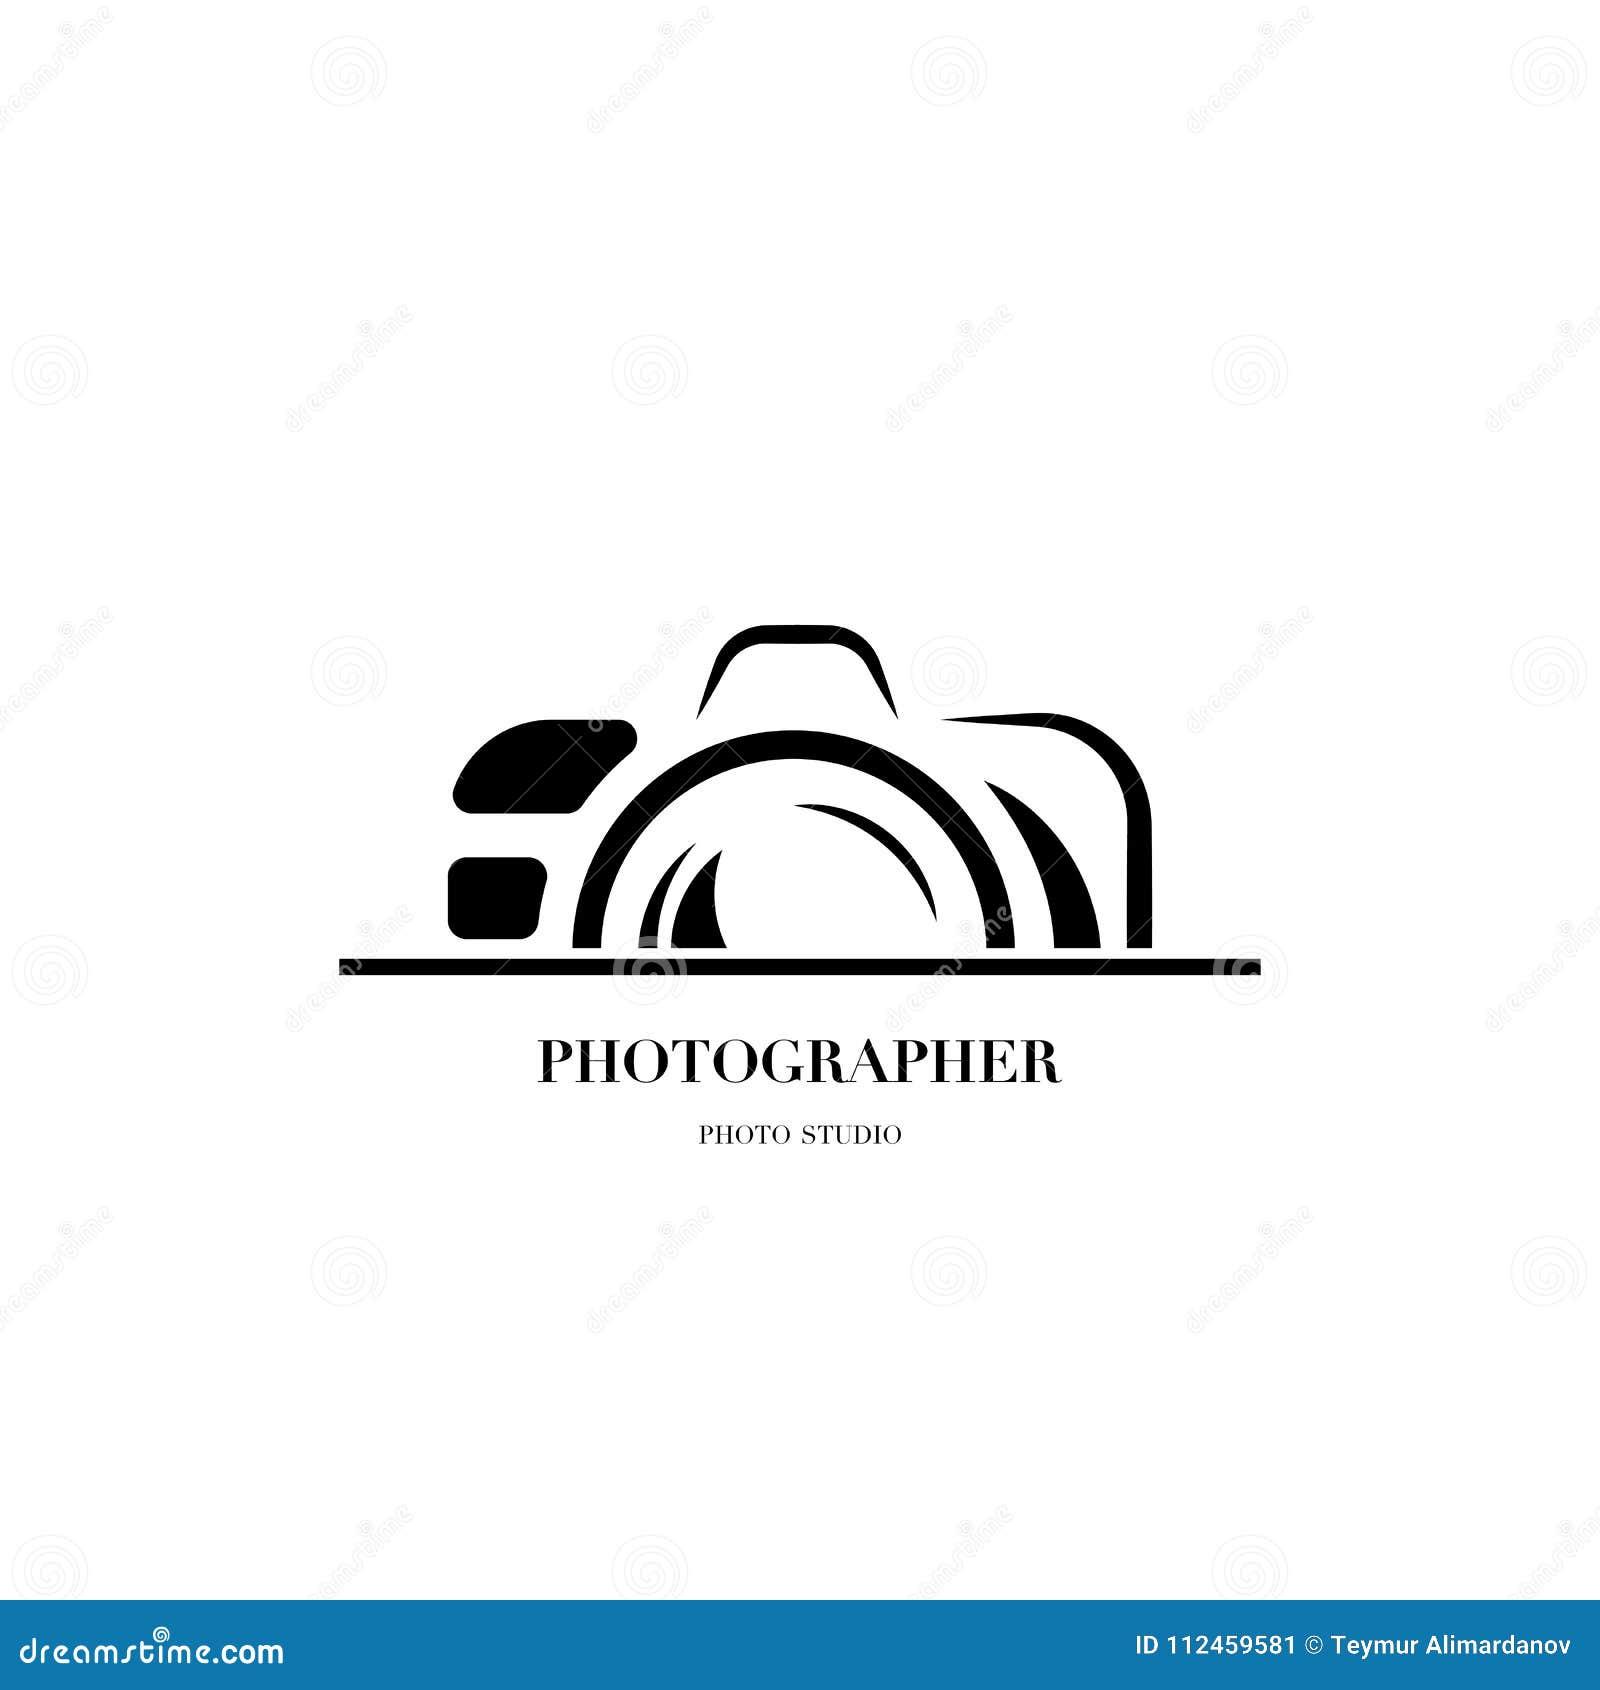 Abstract vector het ontwerpmalplaatje van het cameraembleem voor professionele pho